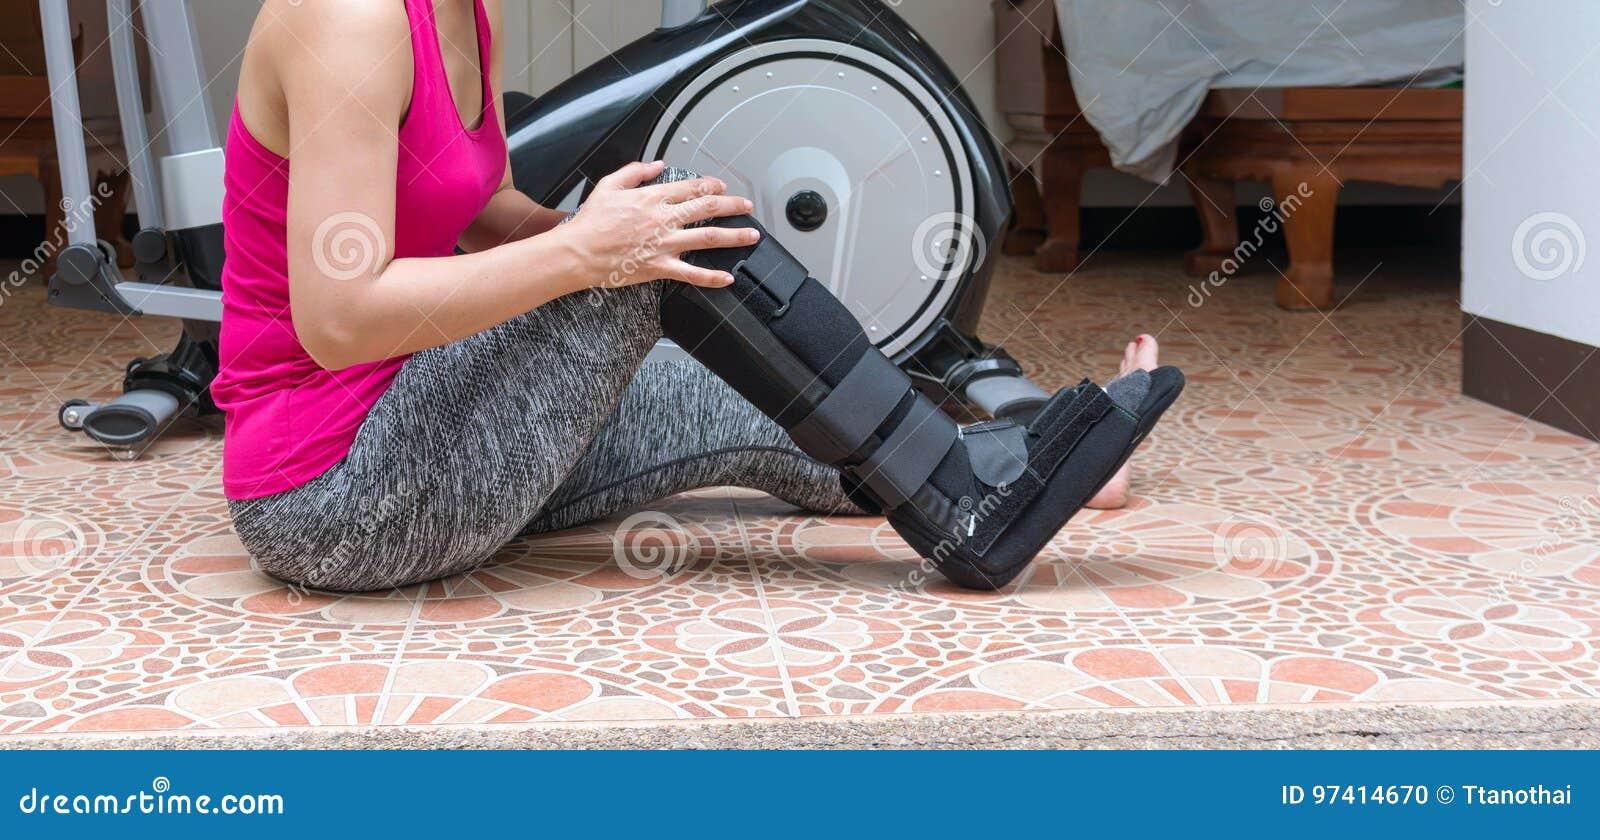 Broken Leg, Injury Woman Wearing Sportswear And Ankle